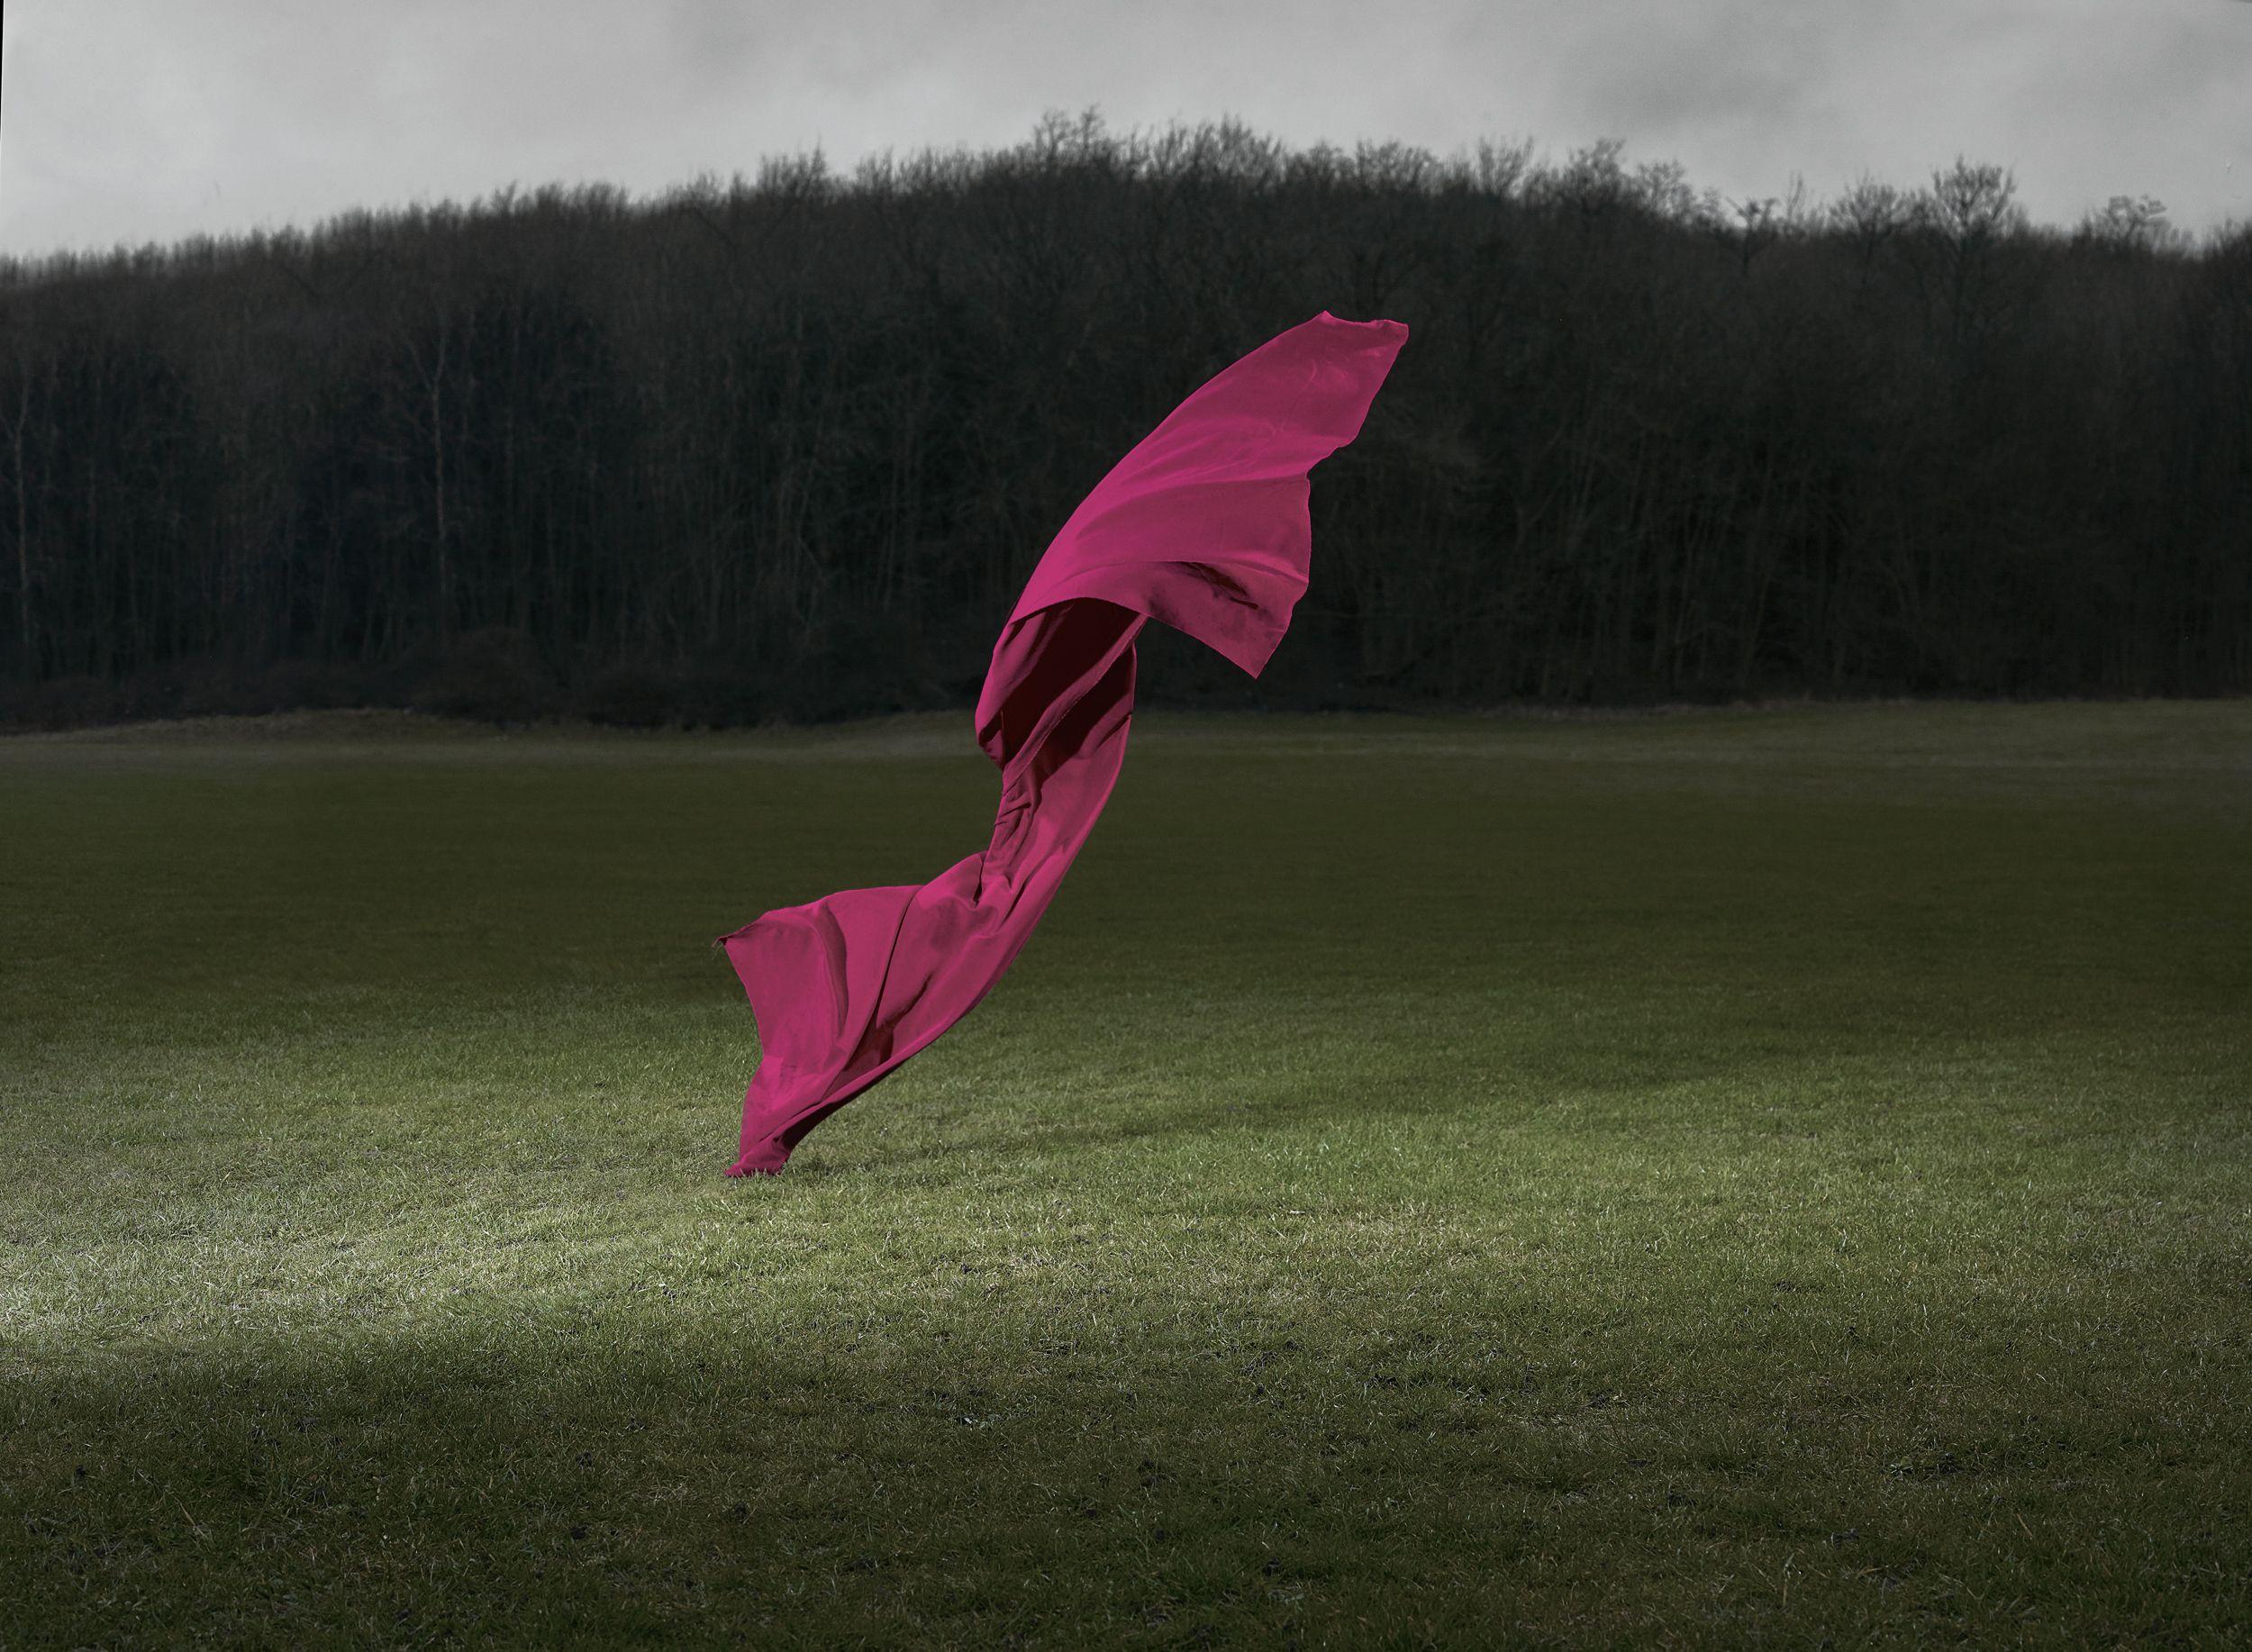 flow02.jpg Grundy, Sculpture, Photography